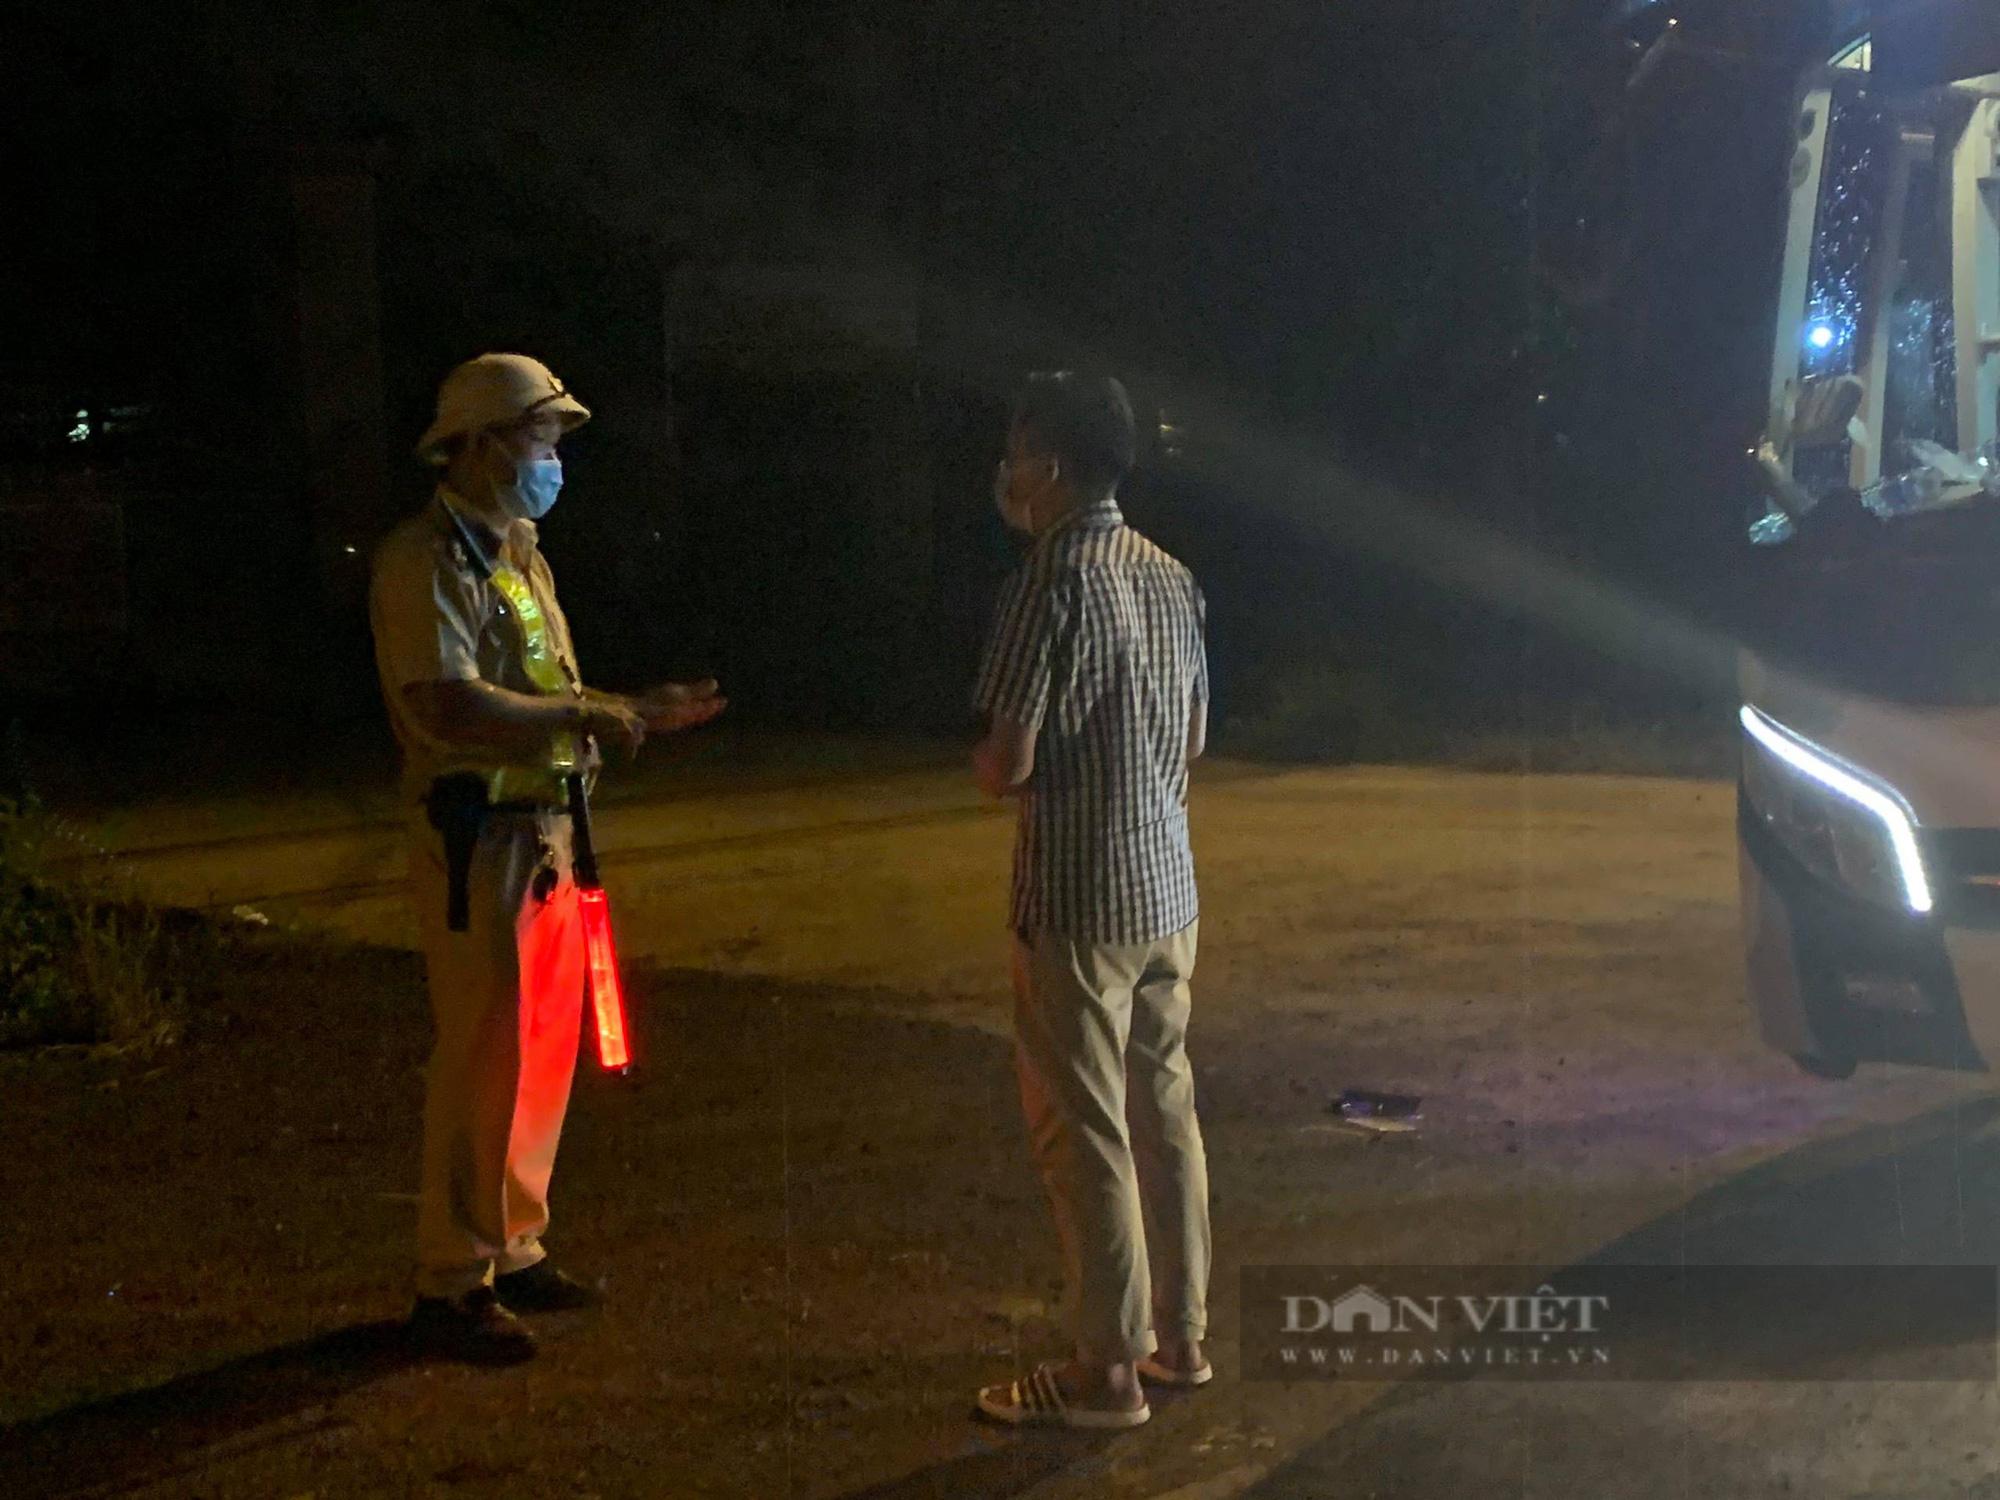 Xử phạt hơn 13 triệu đồng đối với tài xế và nhà xe đưa người từ vùng dịch về Đắk Lắk - Ảnh 1.